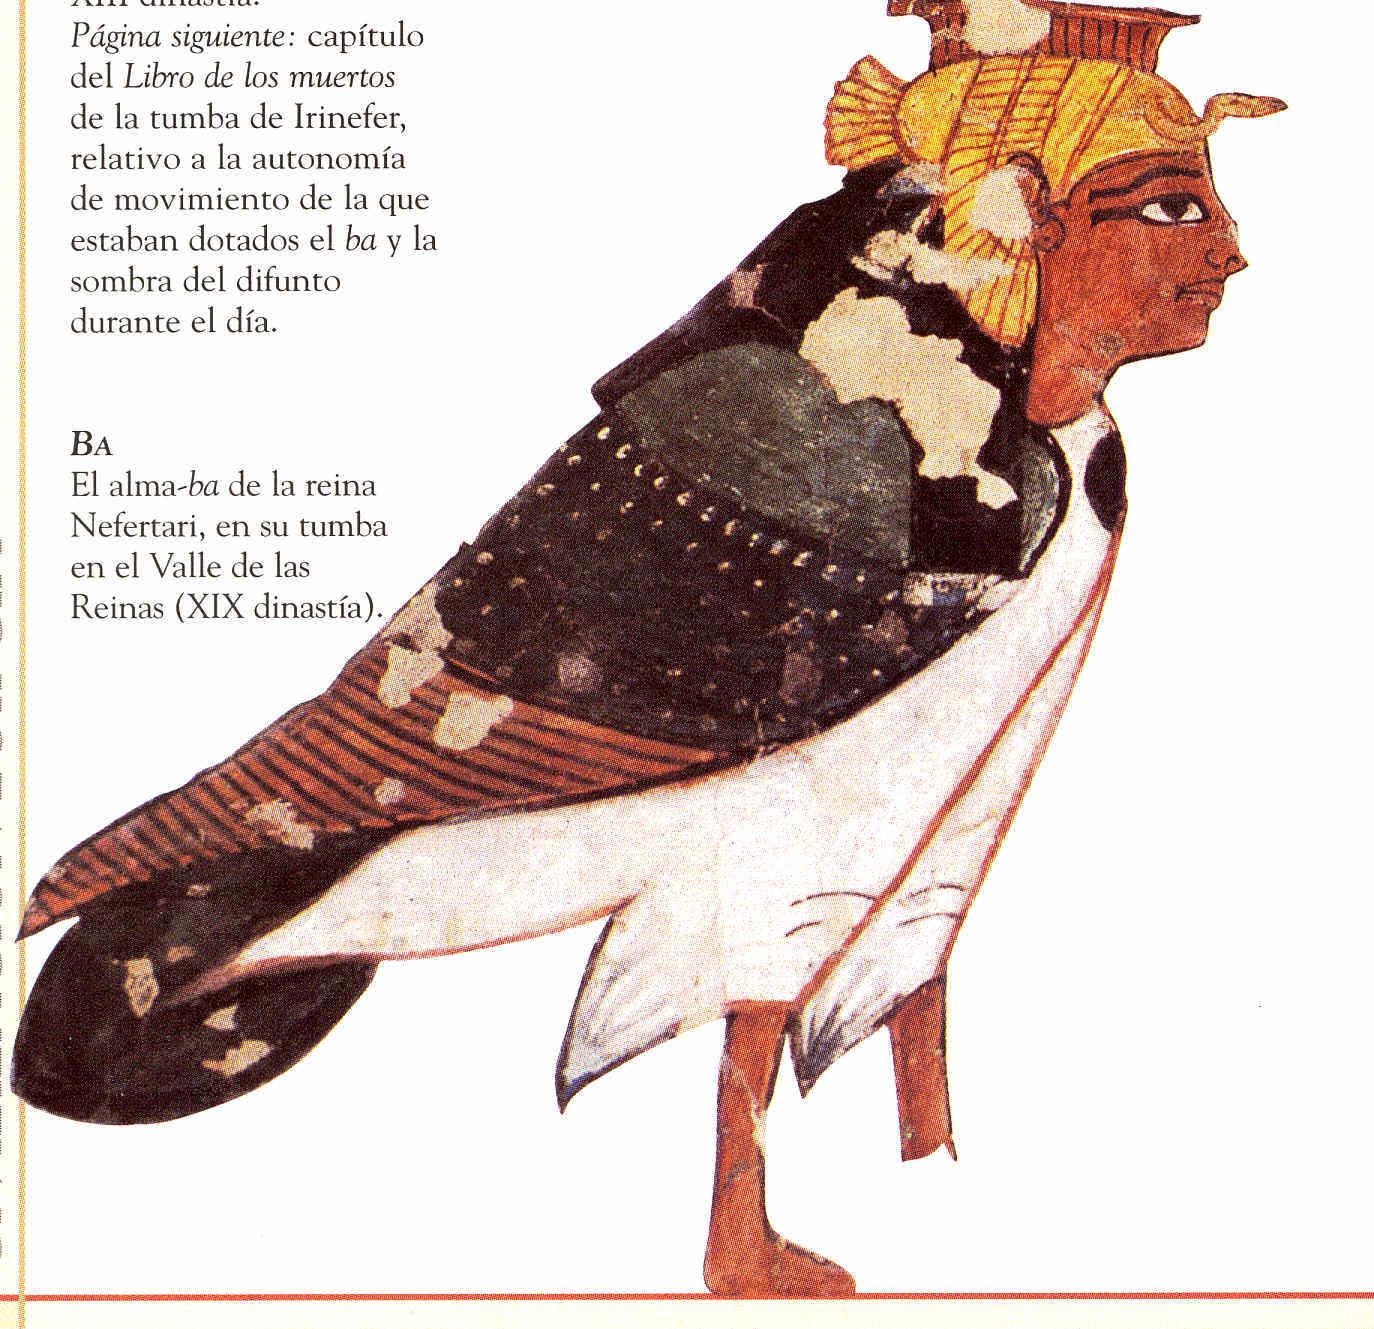 Imperio Medio Creencias b Egipto del Nilo viaje al hermoso